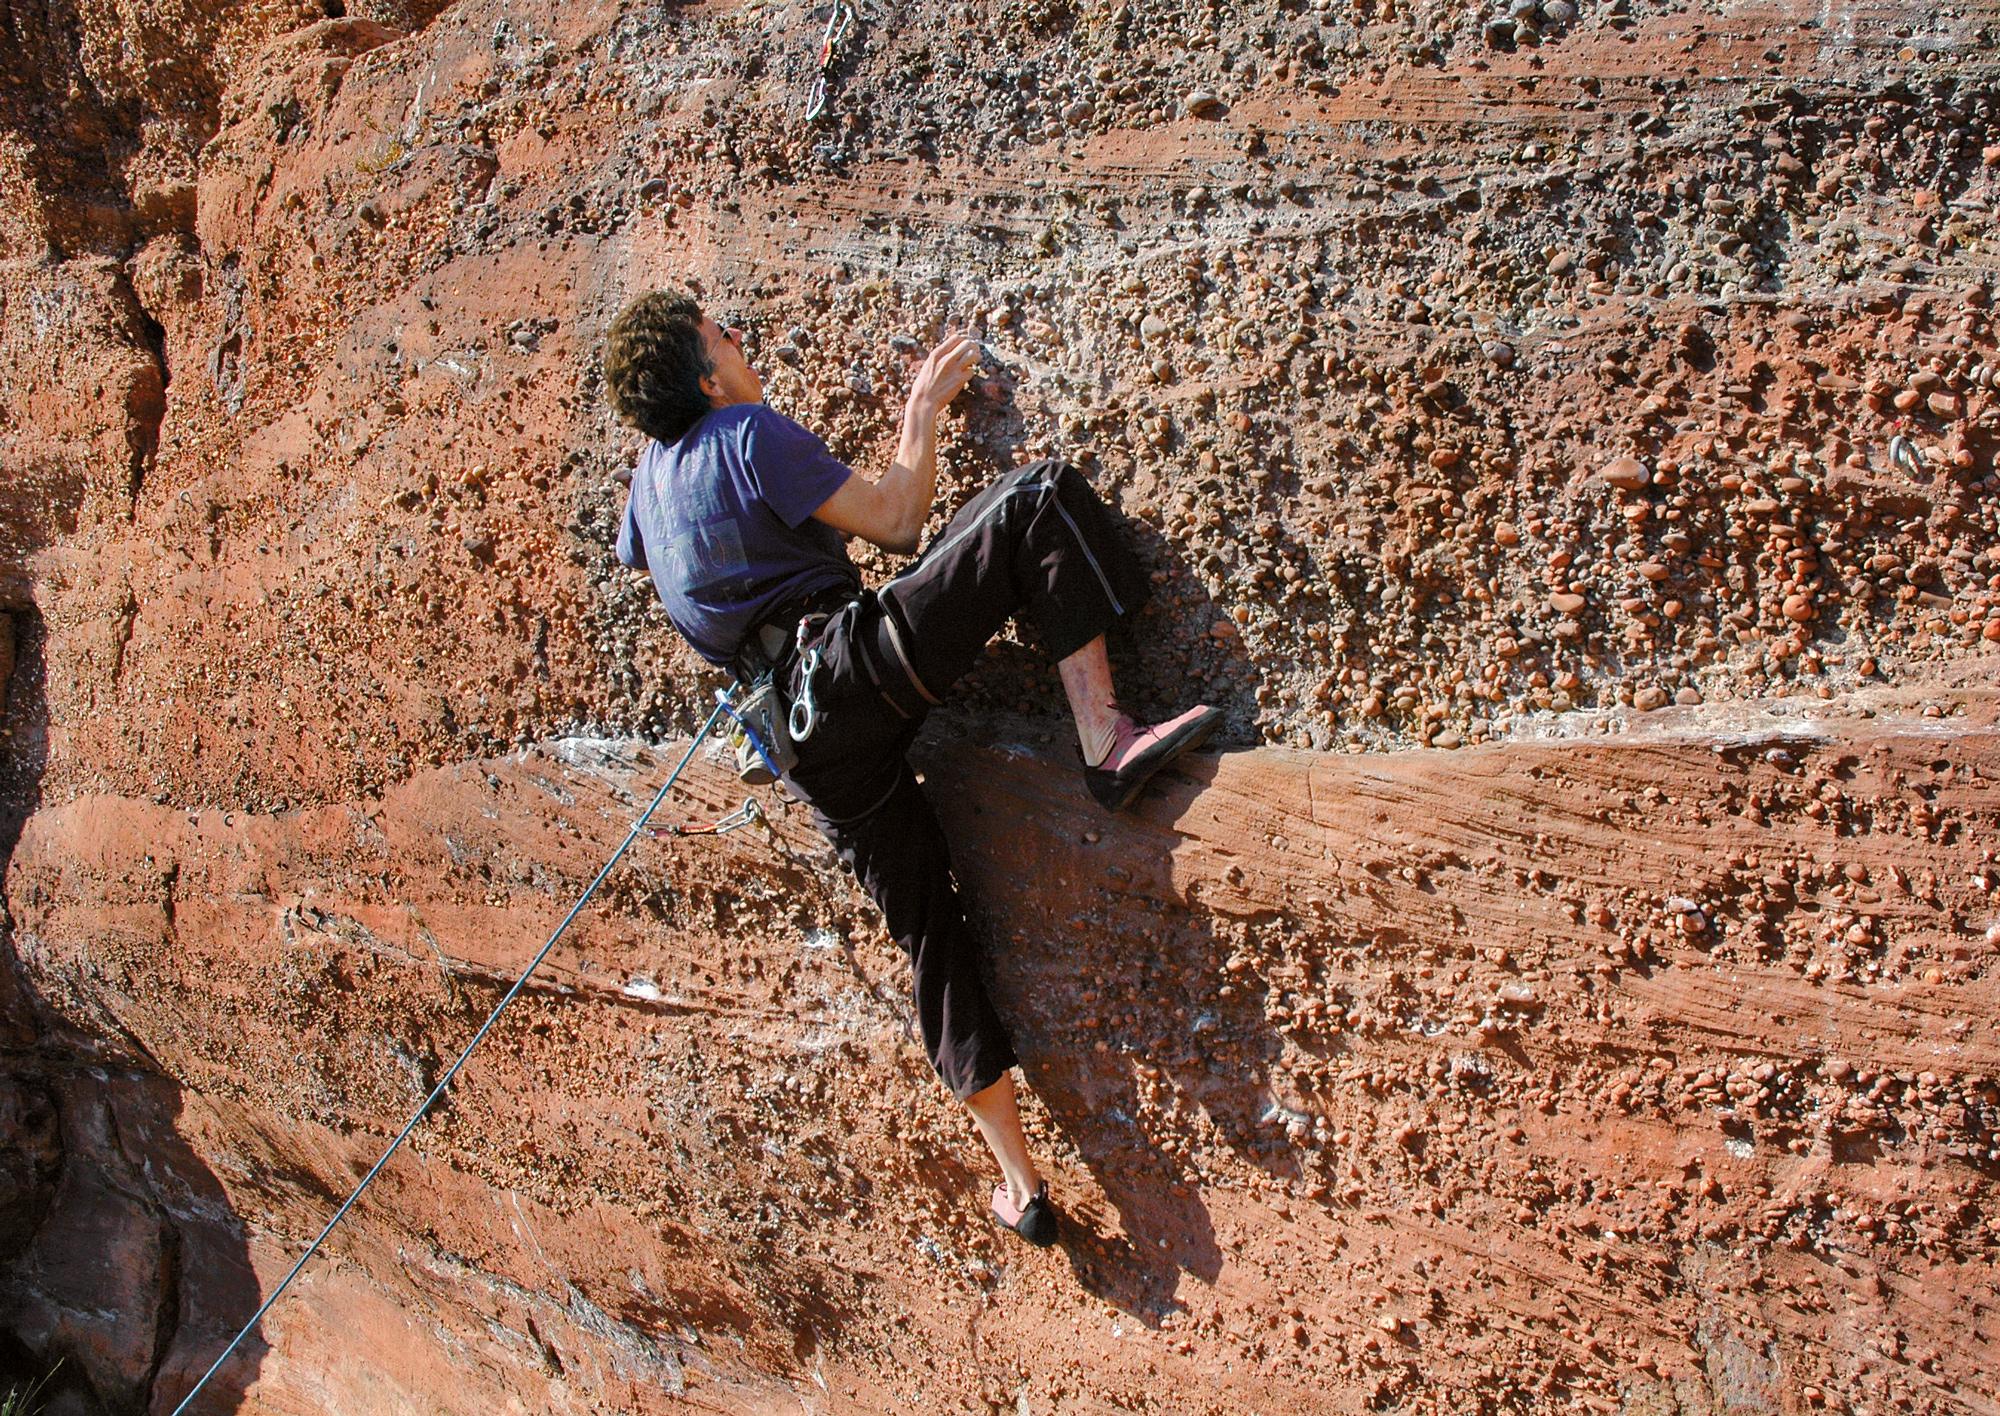 Kiesel-Alarm: Am Falkenfels gibt es vielfältige Kletterei mit großartiger Aussicht auf die Vogesenlandschaft